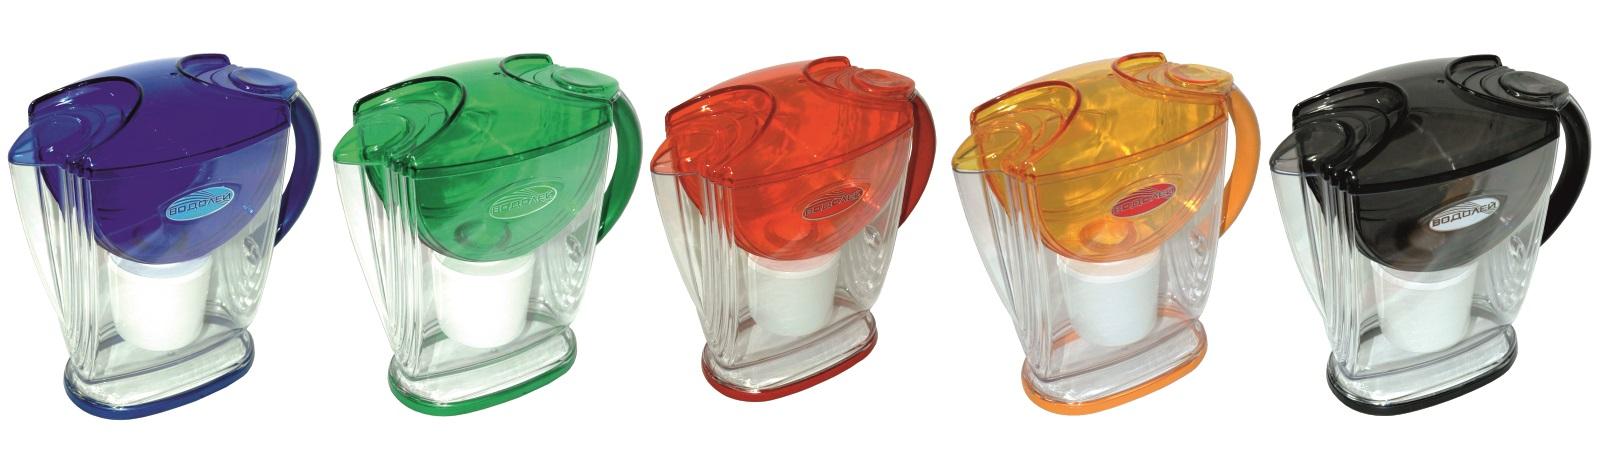 Фильтры водолей разного цвета